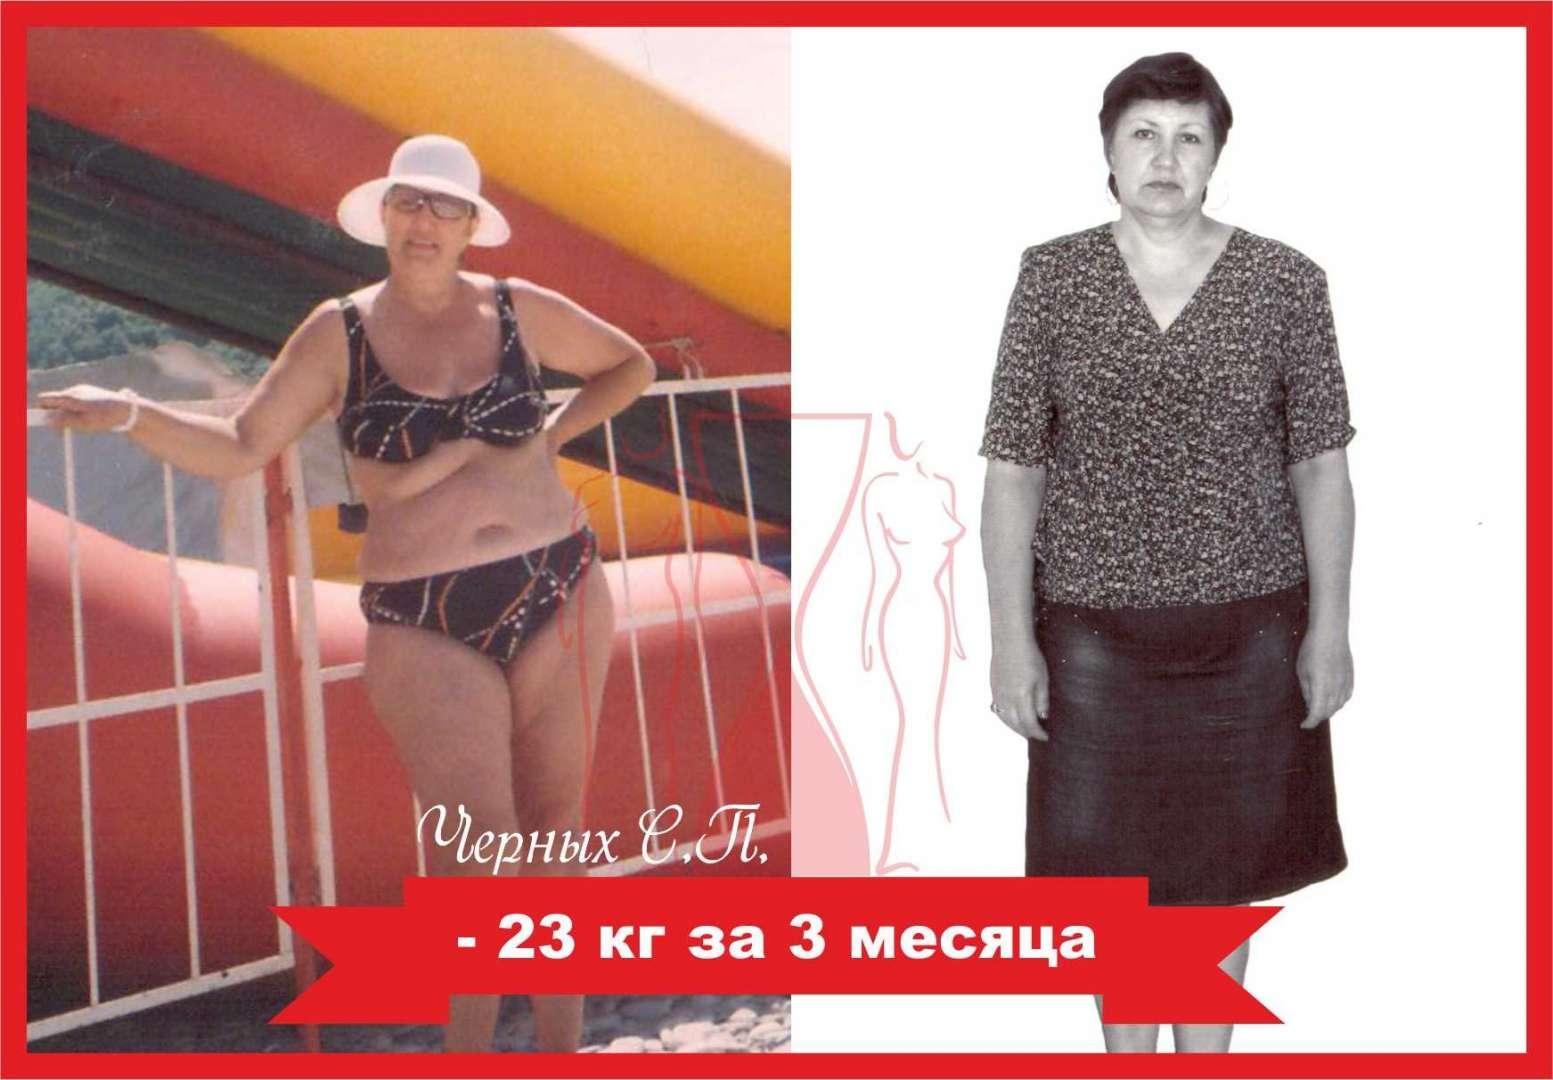 Славянская Клиника Центр Похудения. Славянская клиника: авторская методика похудения